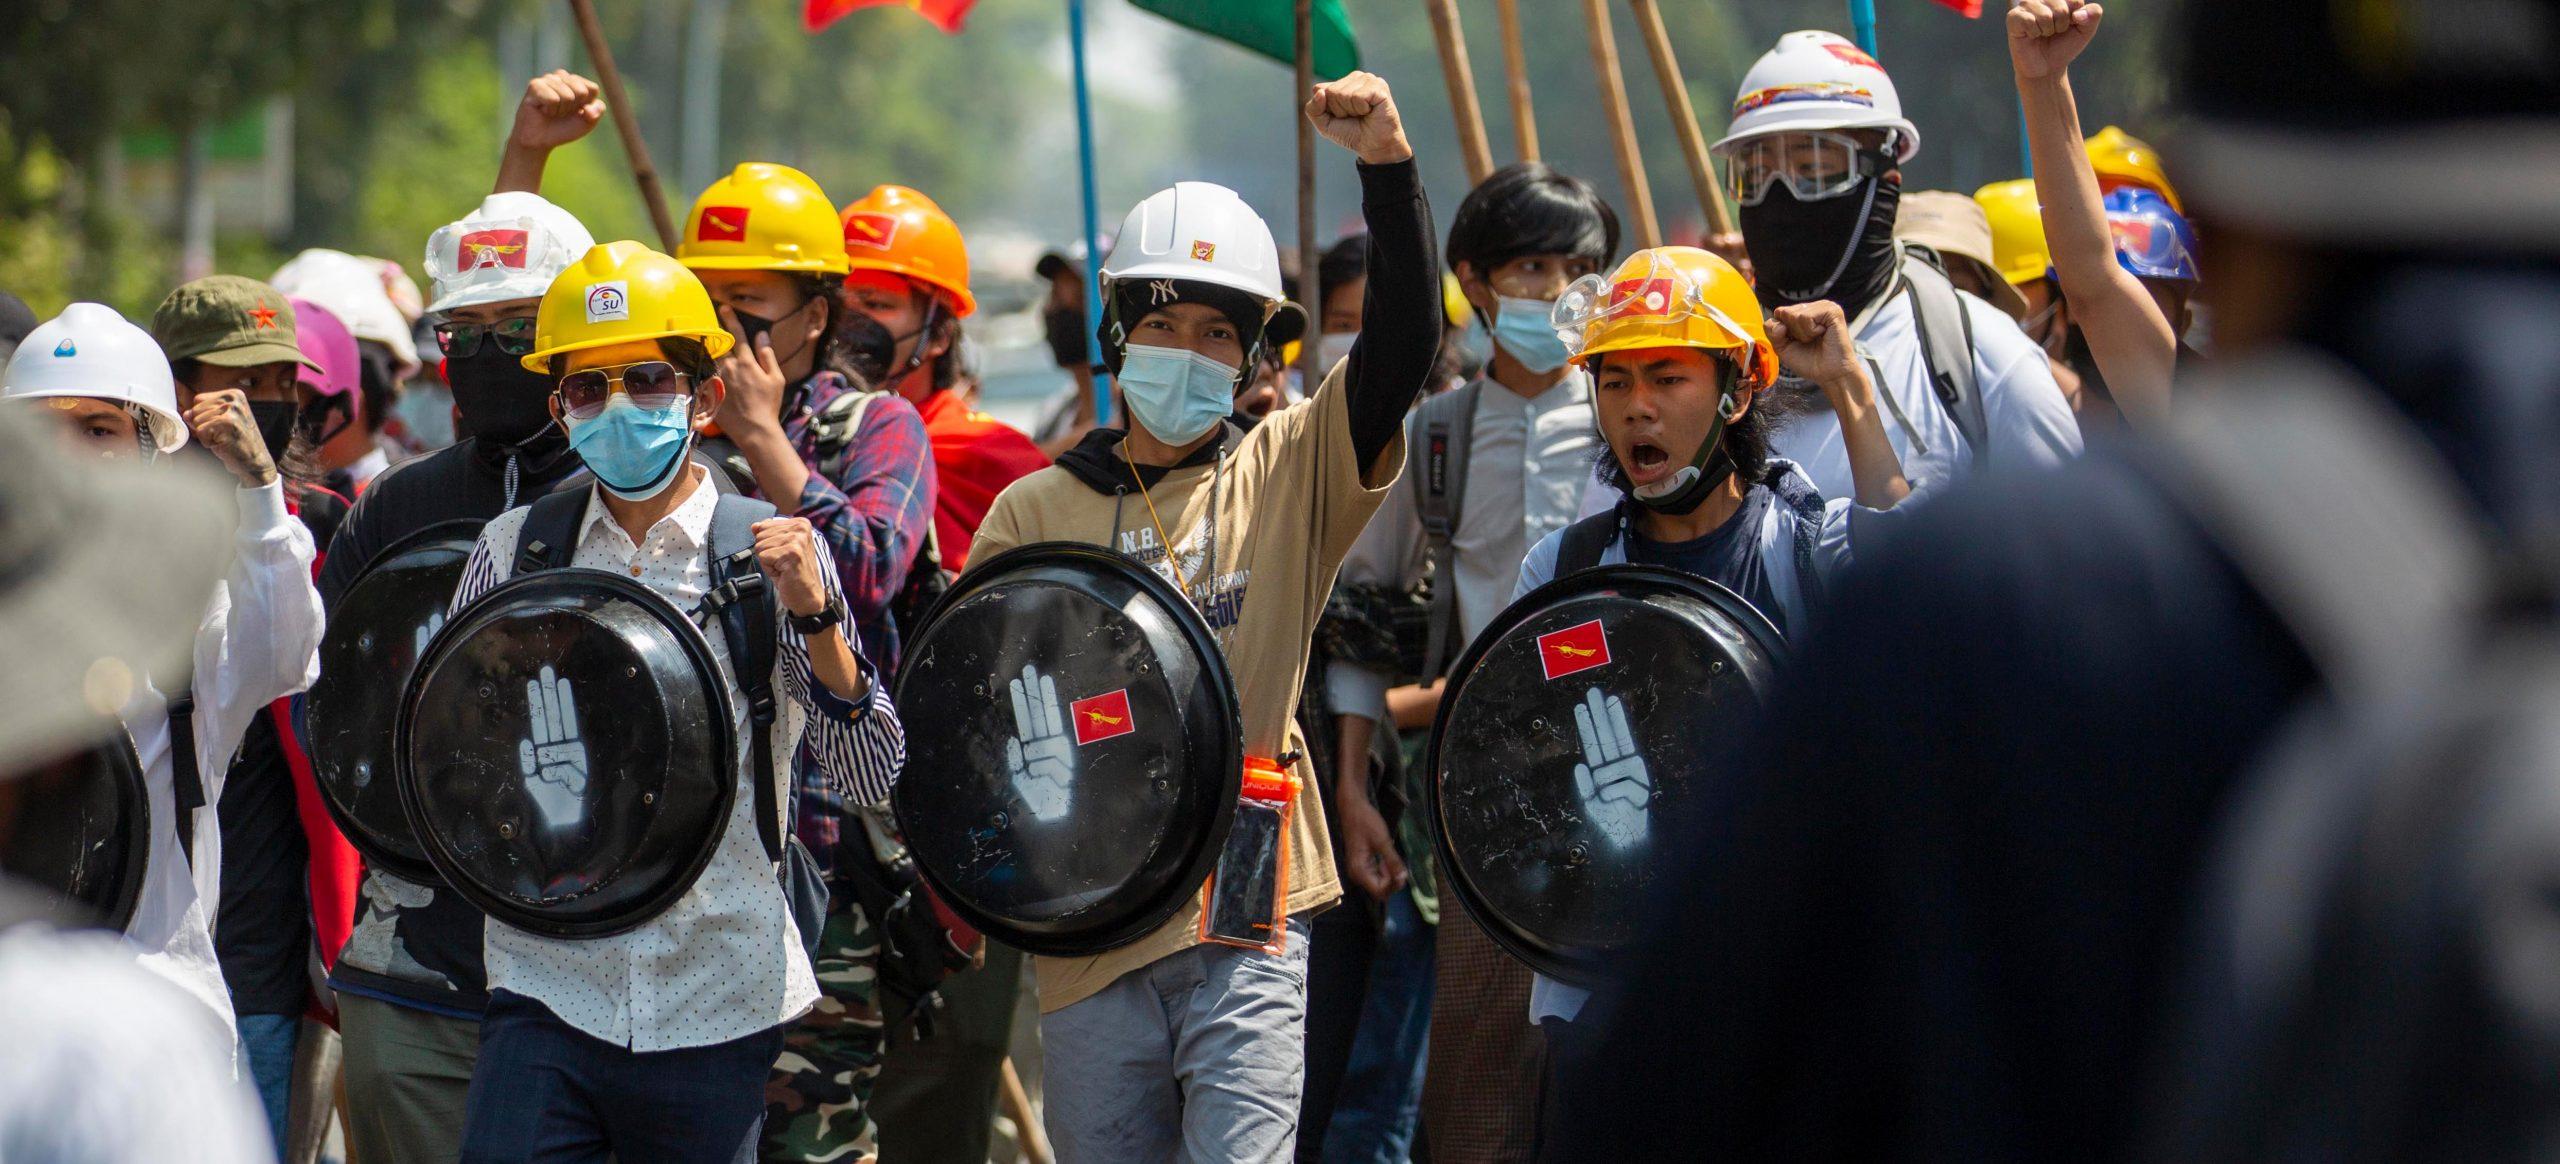 اعتراض مردم سالاری  Duda.news